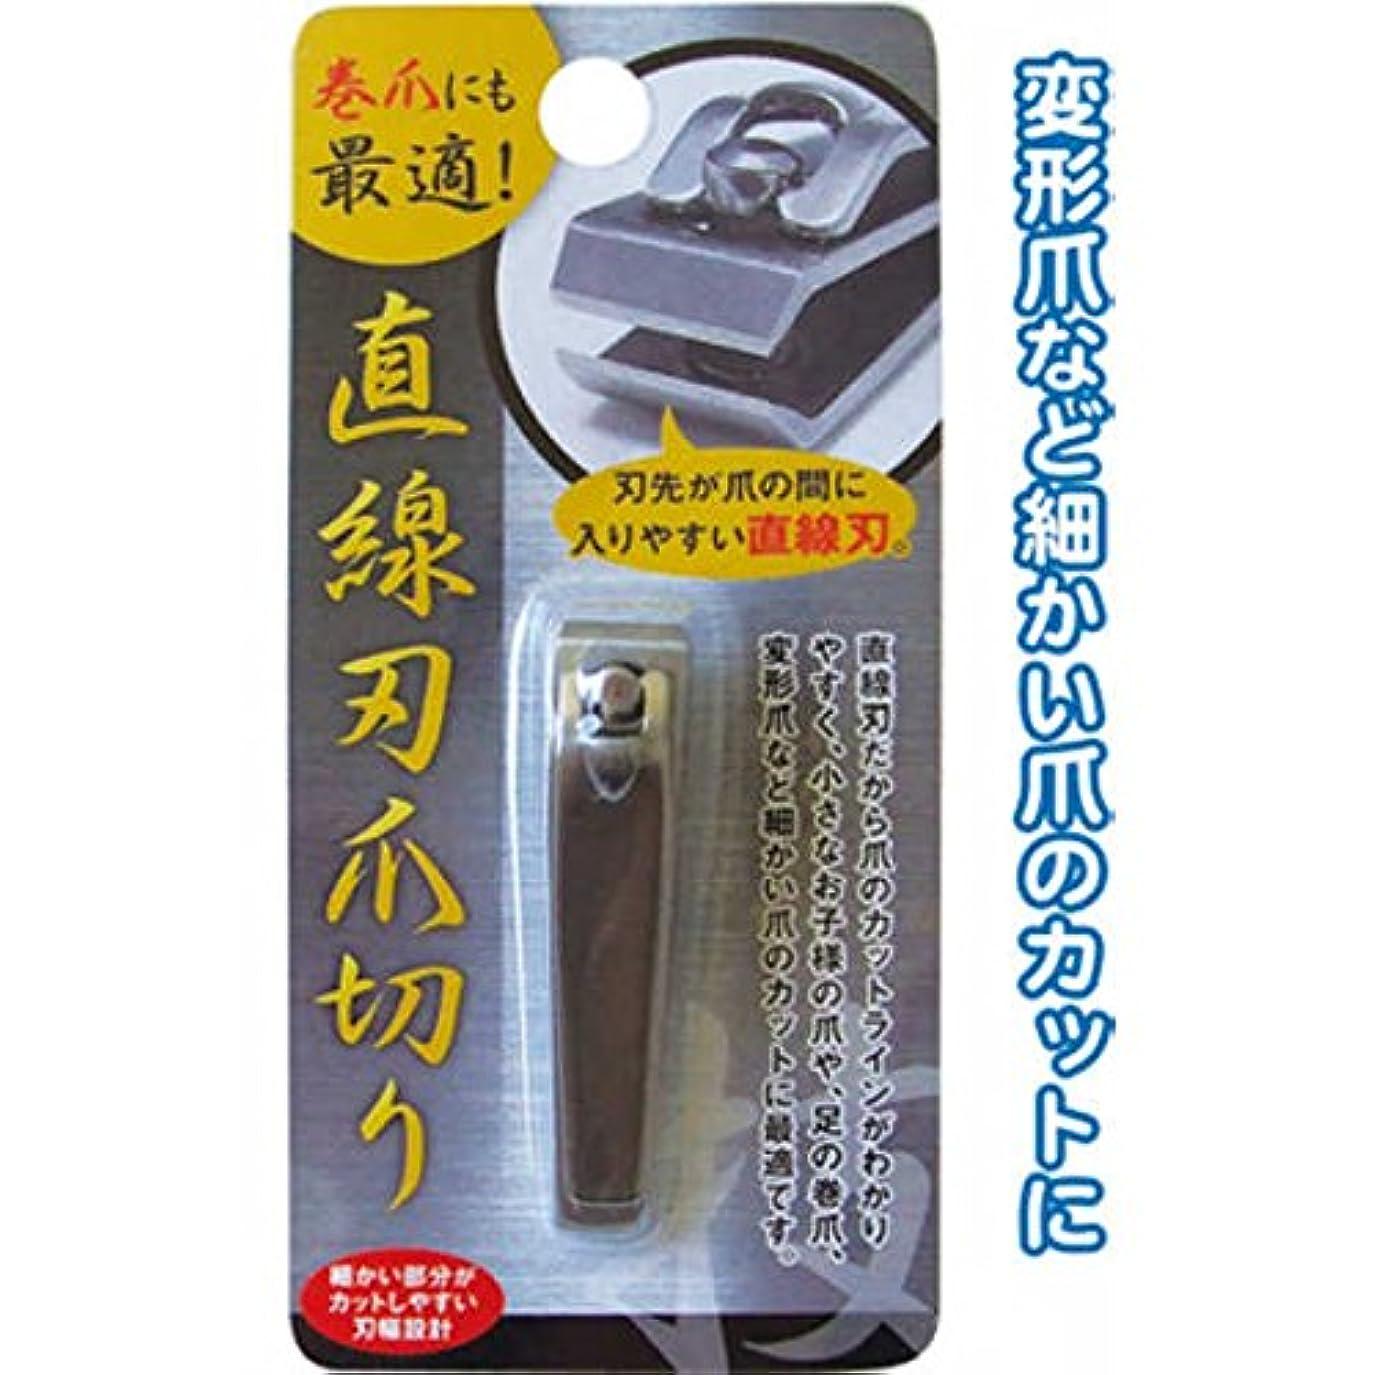 ペルメルキネマティクスもちろん巻爪にも最適!直線刃ステンレス爪切り 【まとめ買い12個セット】 18-601